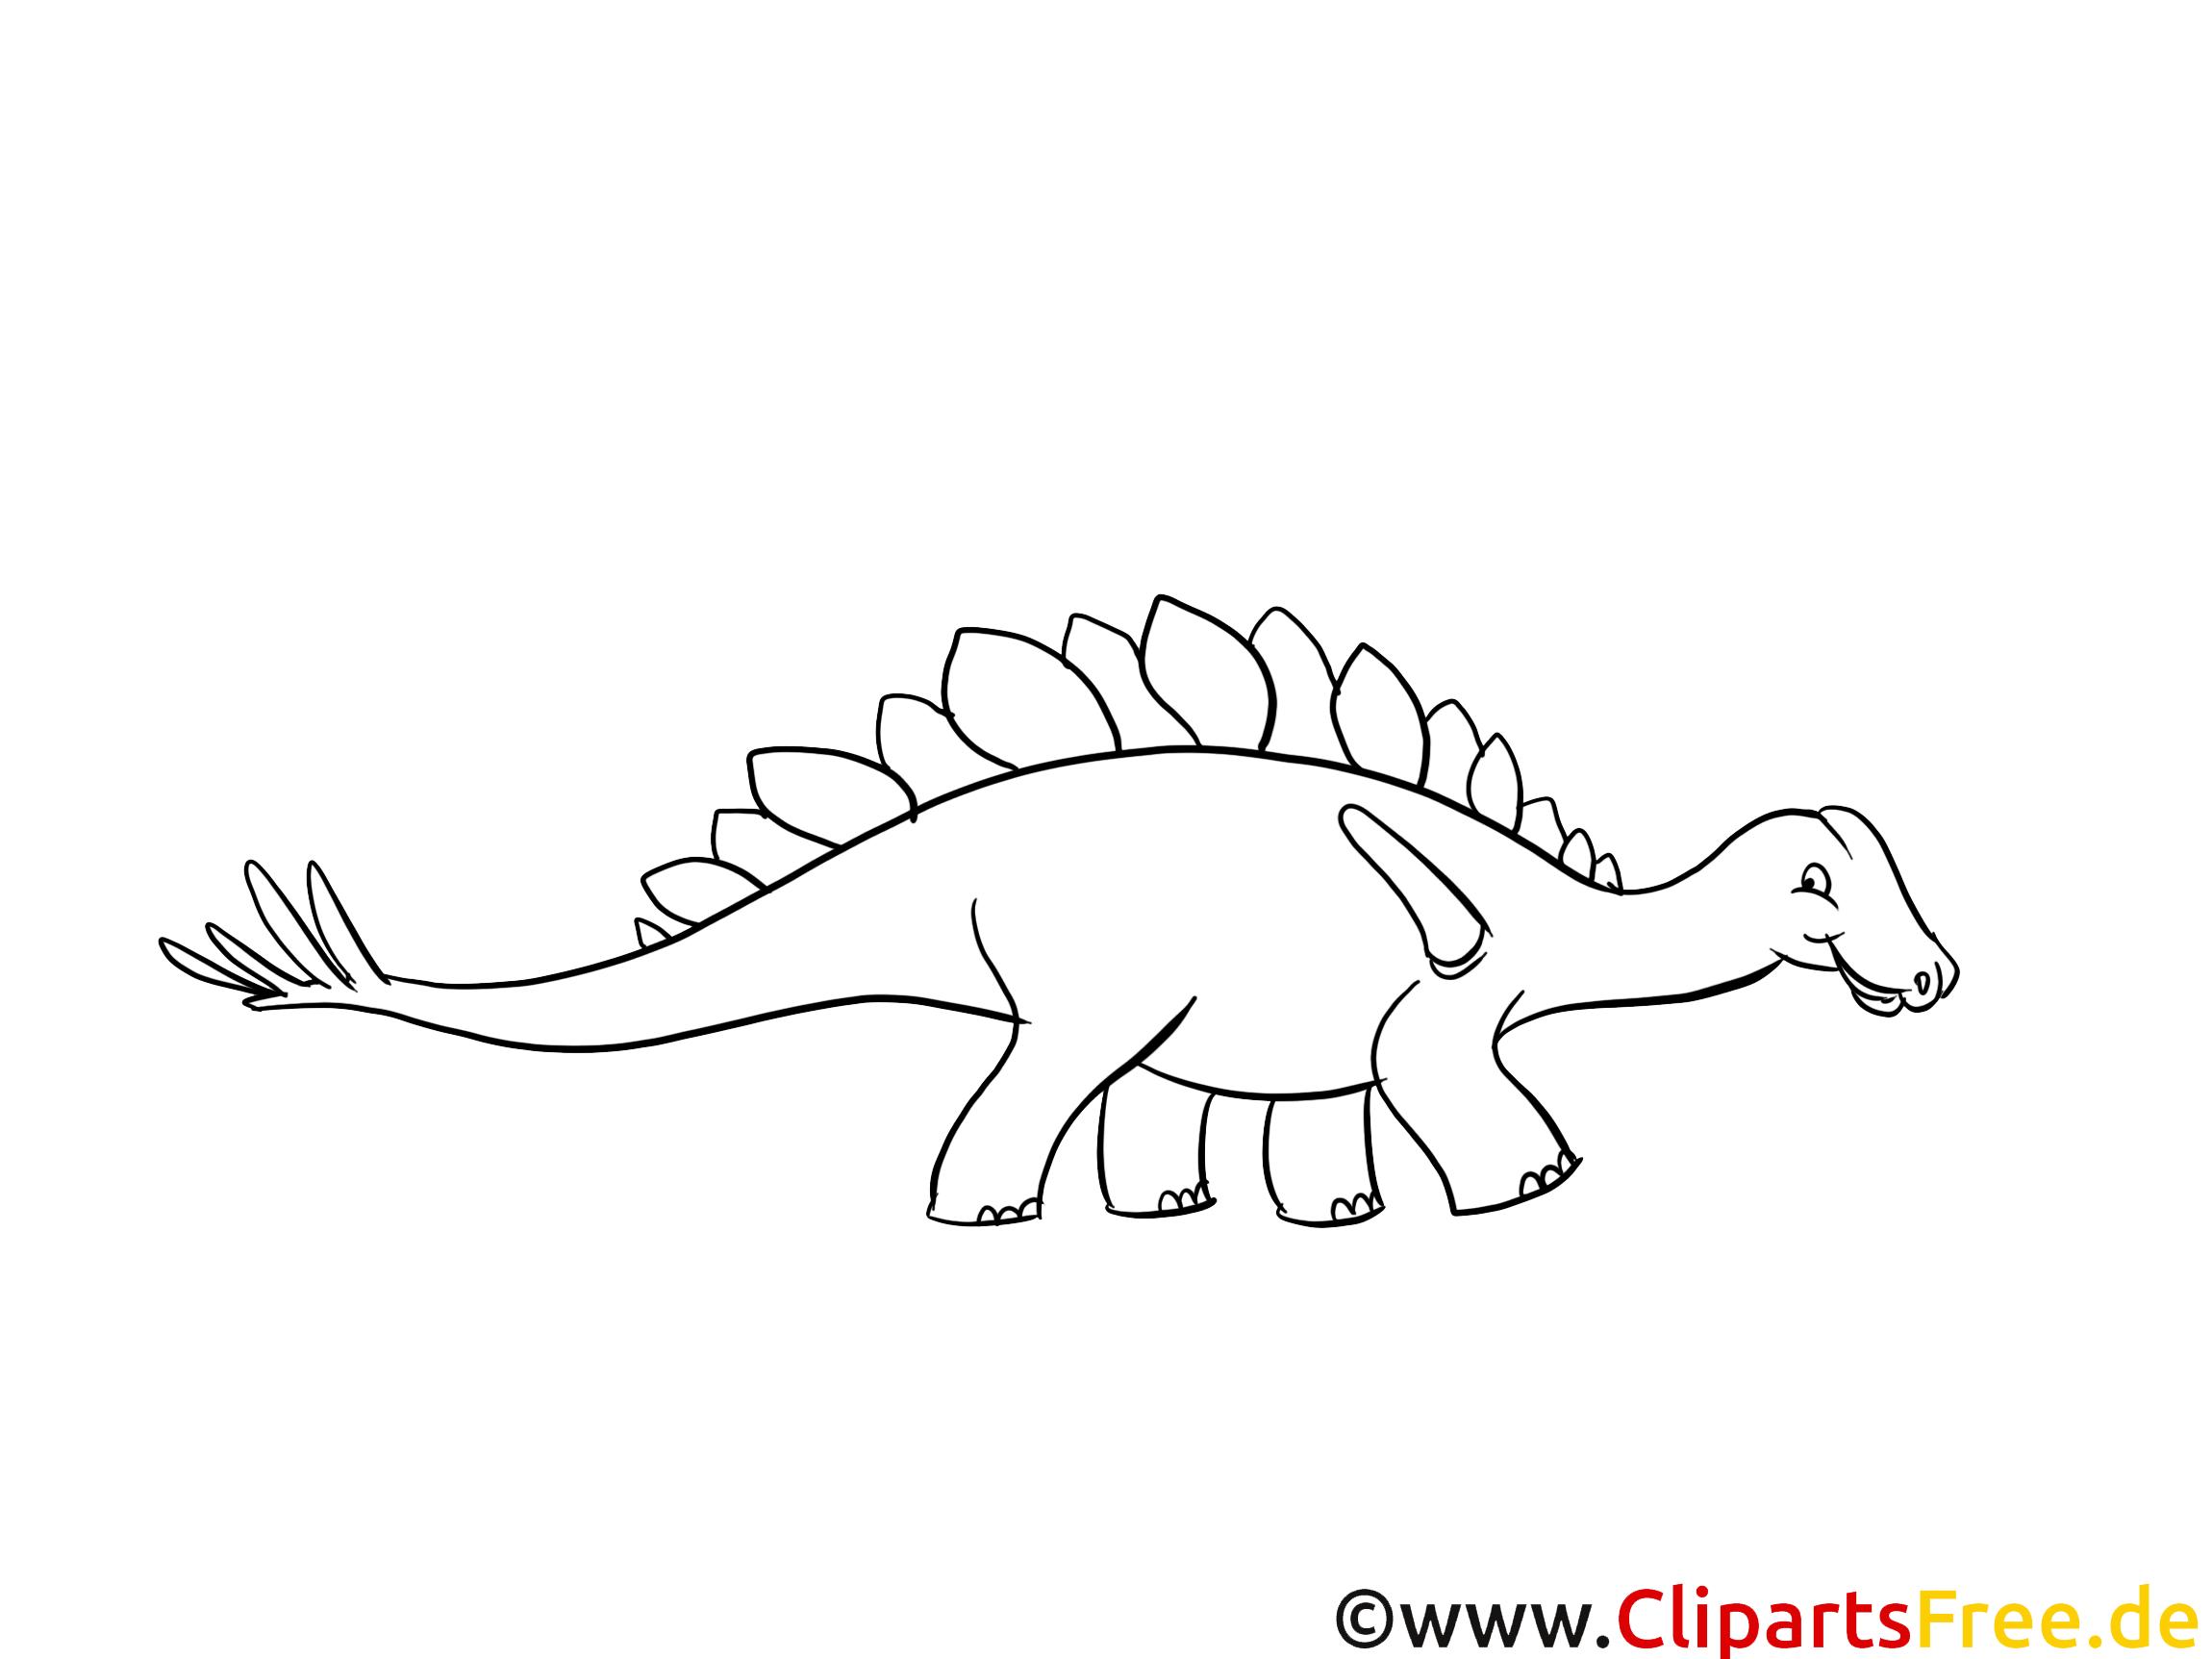 Bildtitel: Malvorlage Dino kostenlos